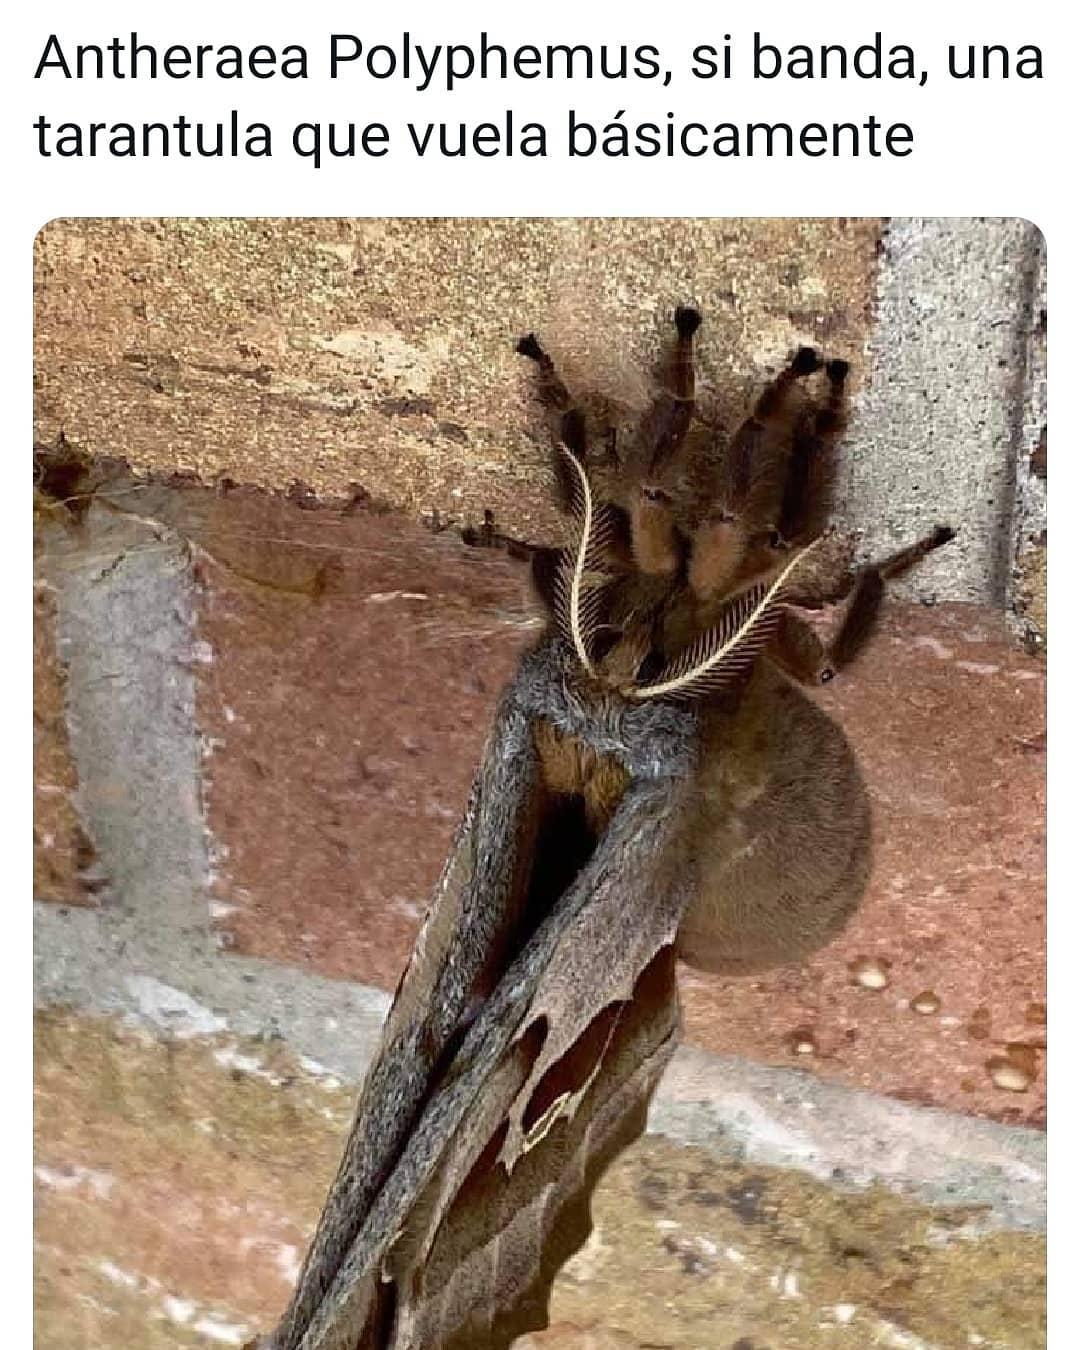 Antheraea Polyphemus, si banda, una tarántula que vuela básicamente.